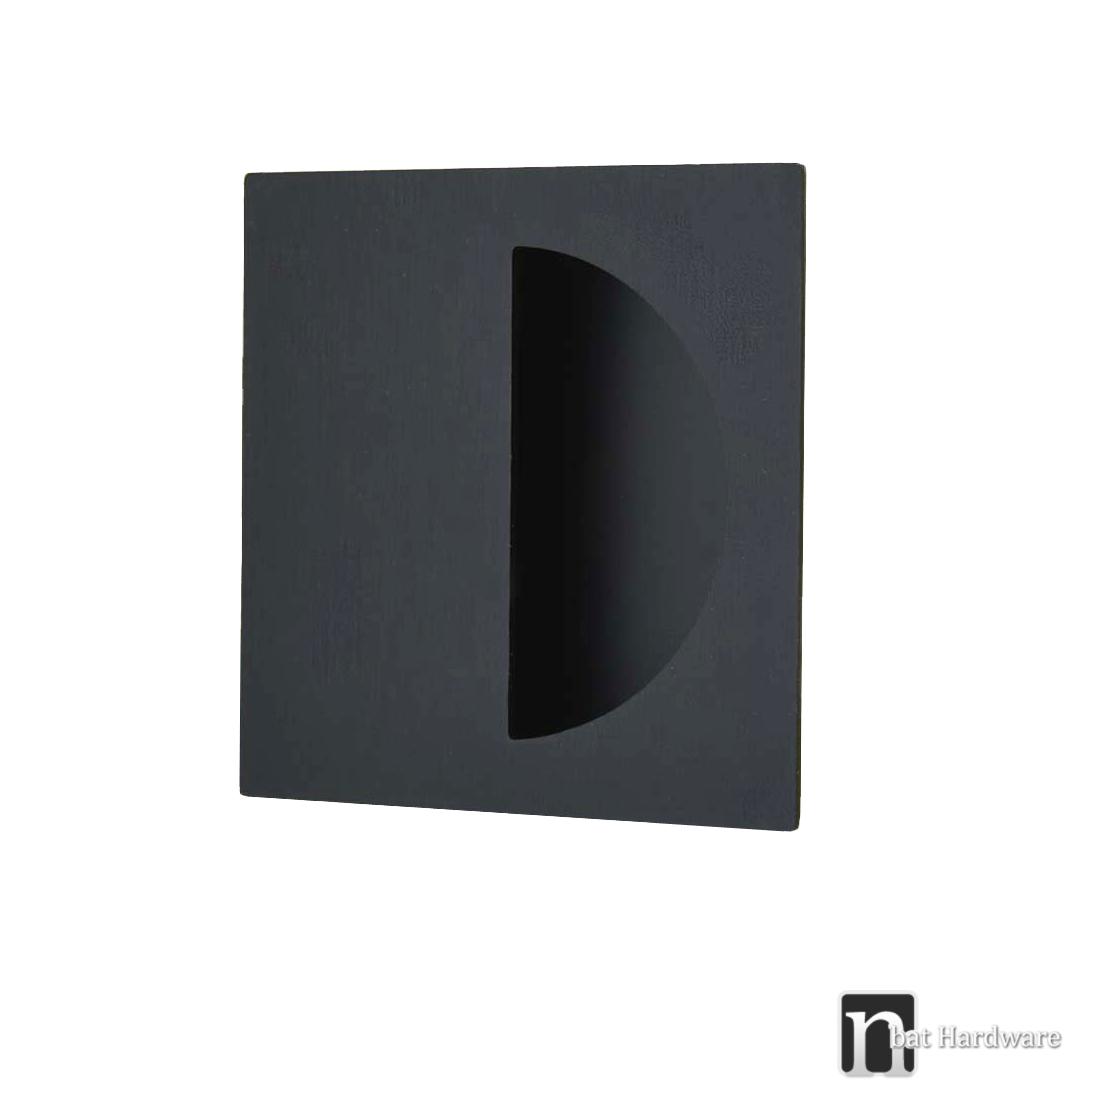 Matt Black Square Sliding Door Flush Pull Nbat Hardware